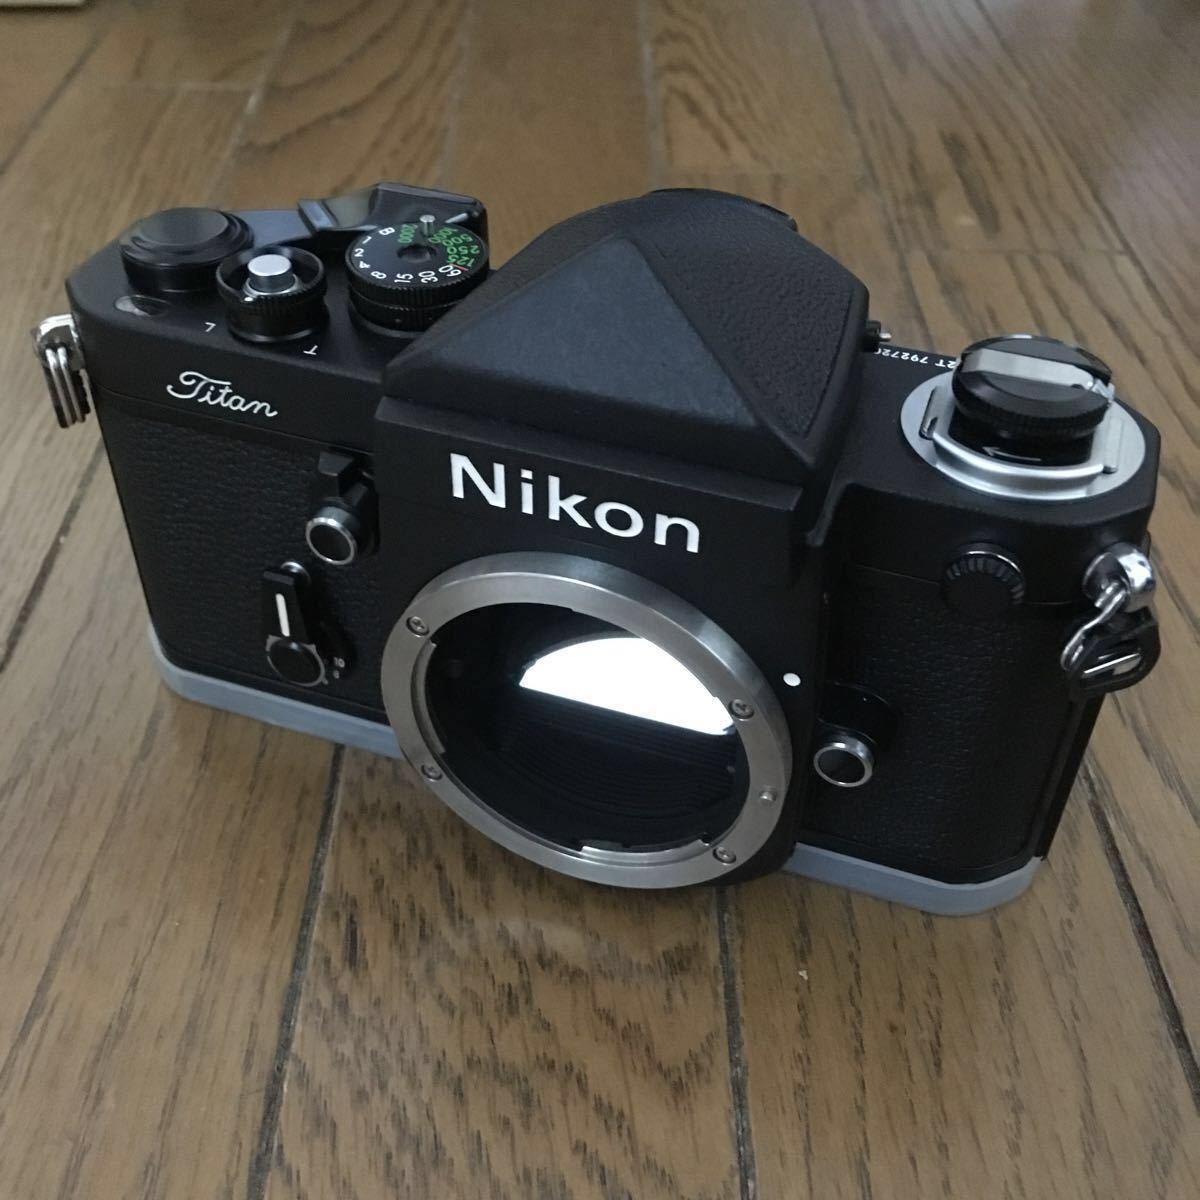 新品】Nikon F2 Titan ネーム ボディ チタン 未使用品 説明書類、クロス